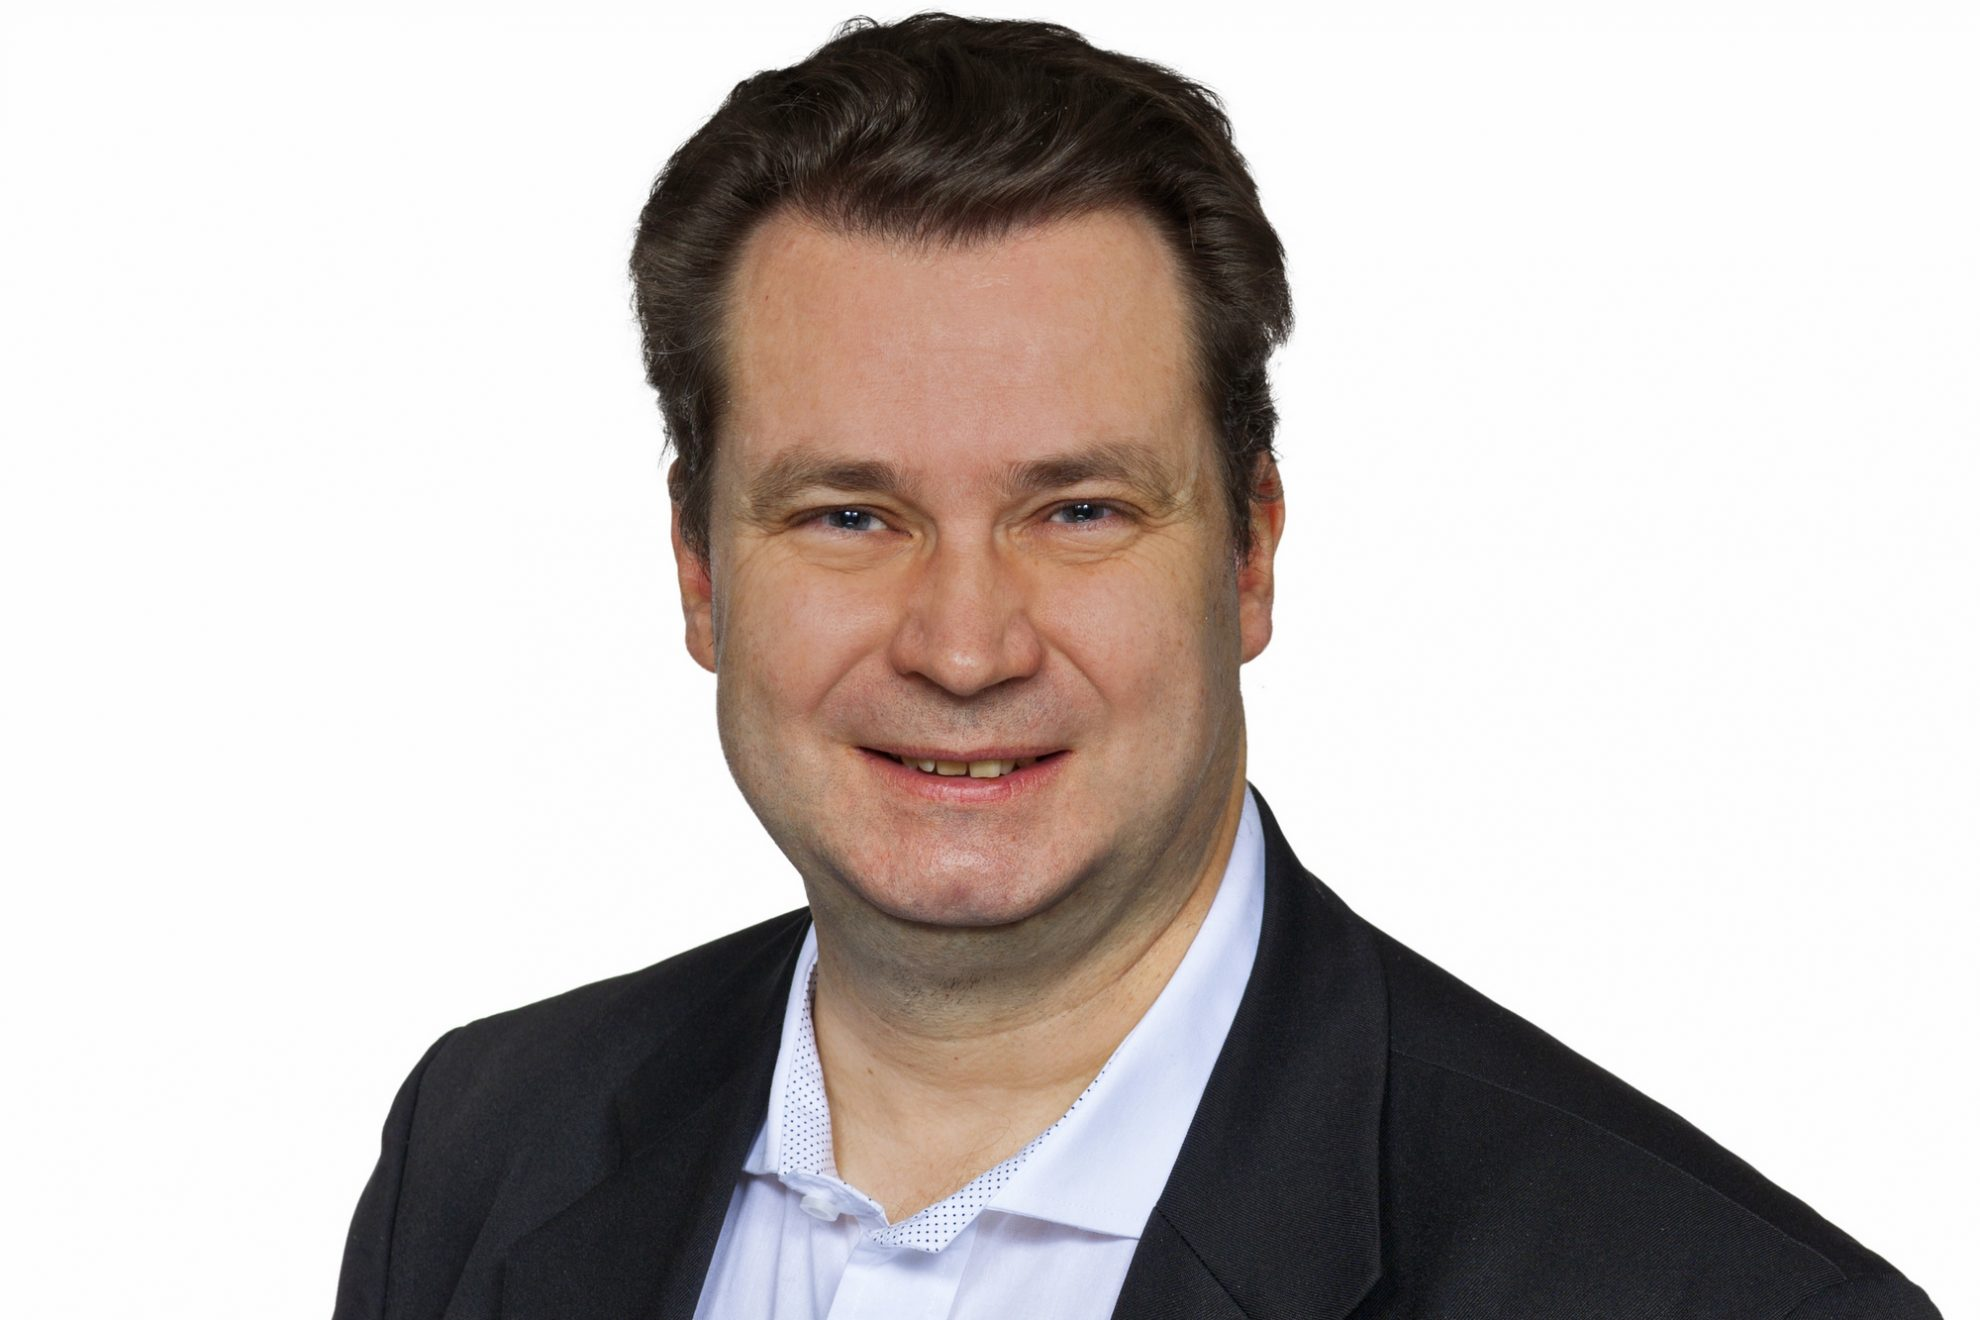 Nils Wieruch